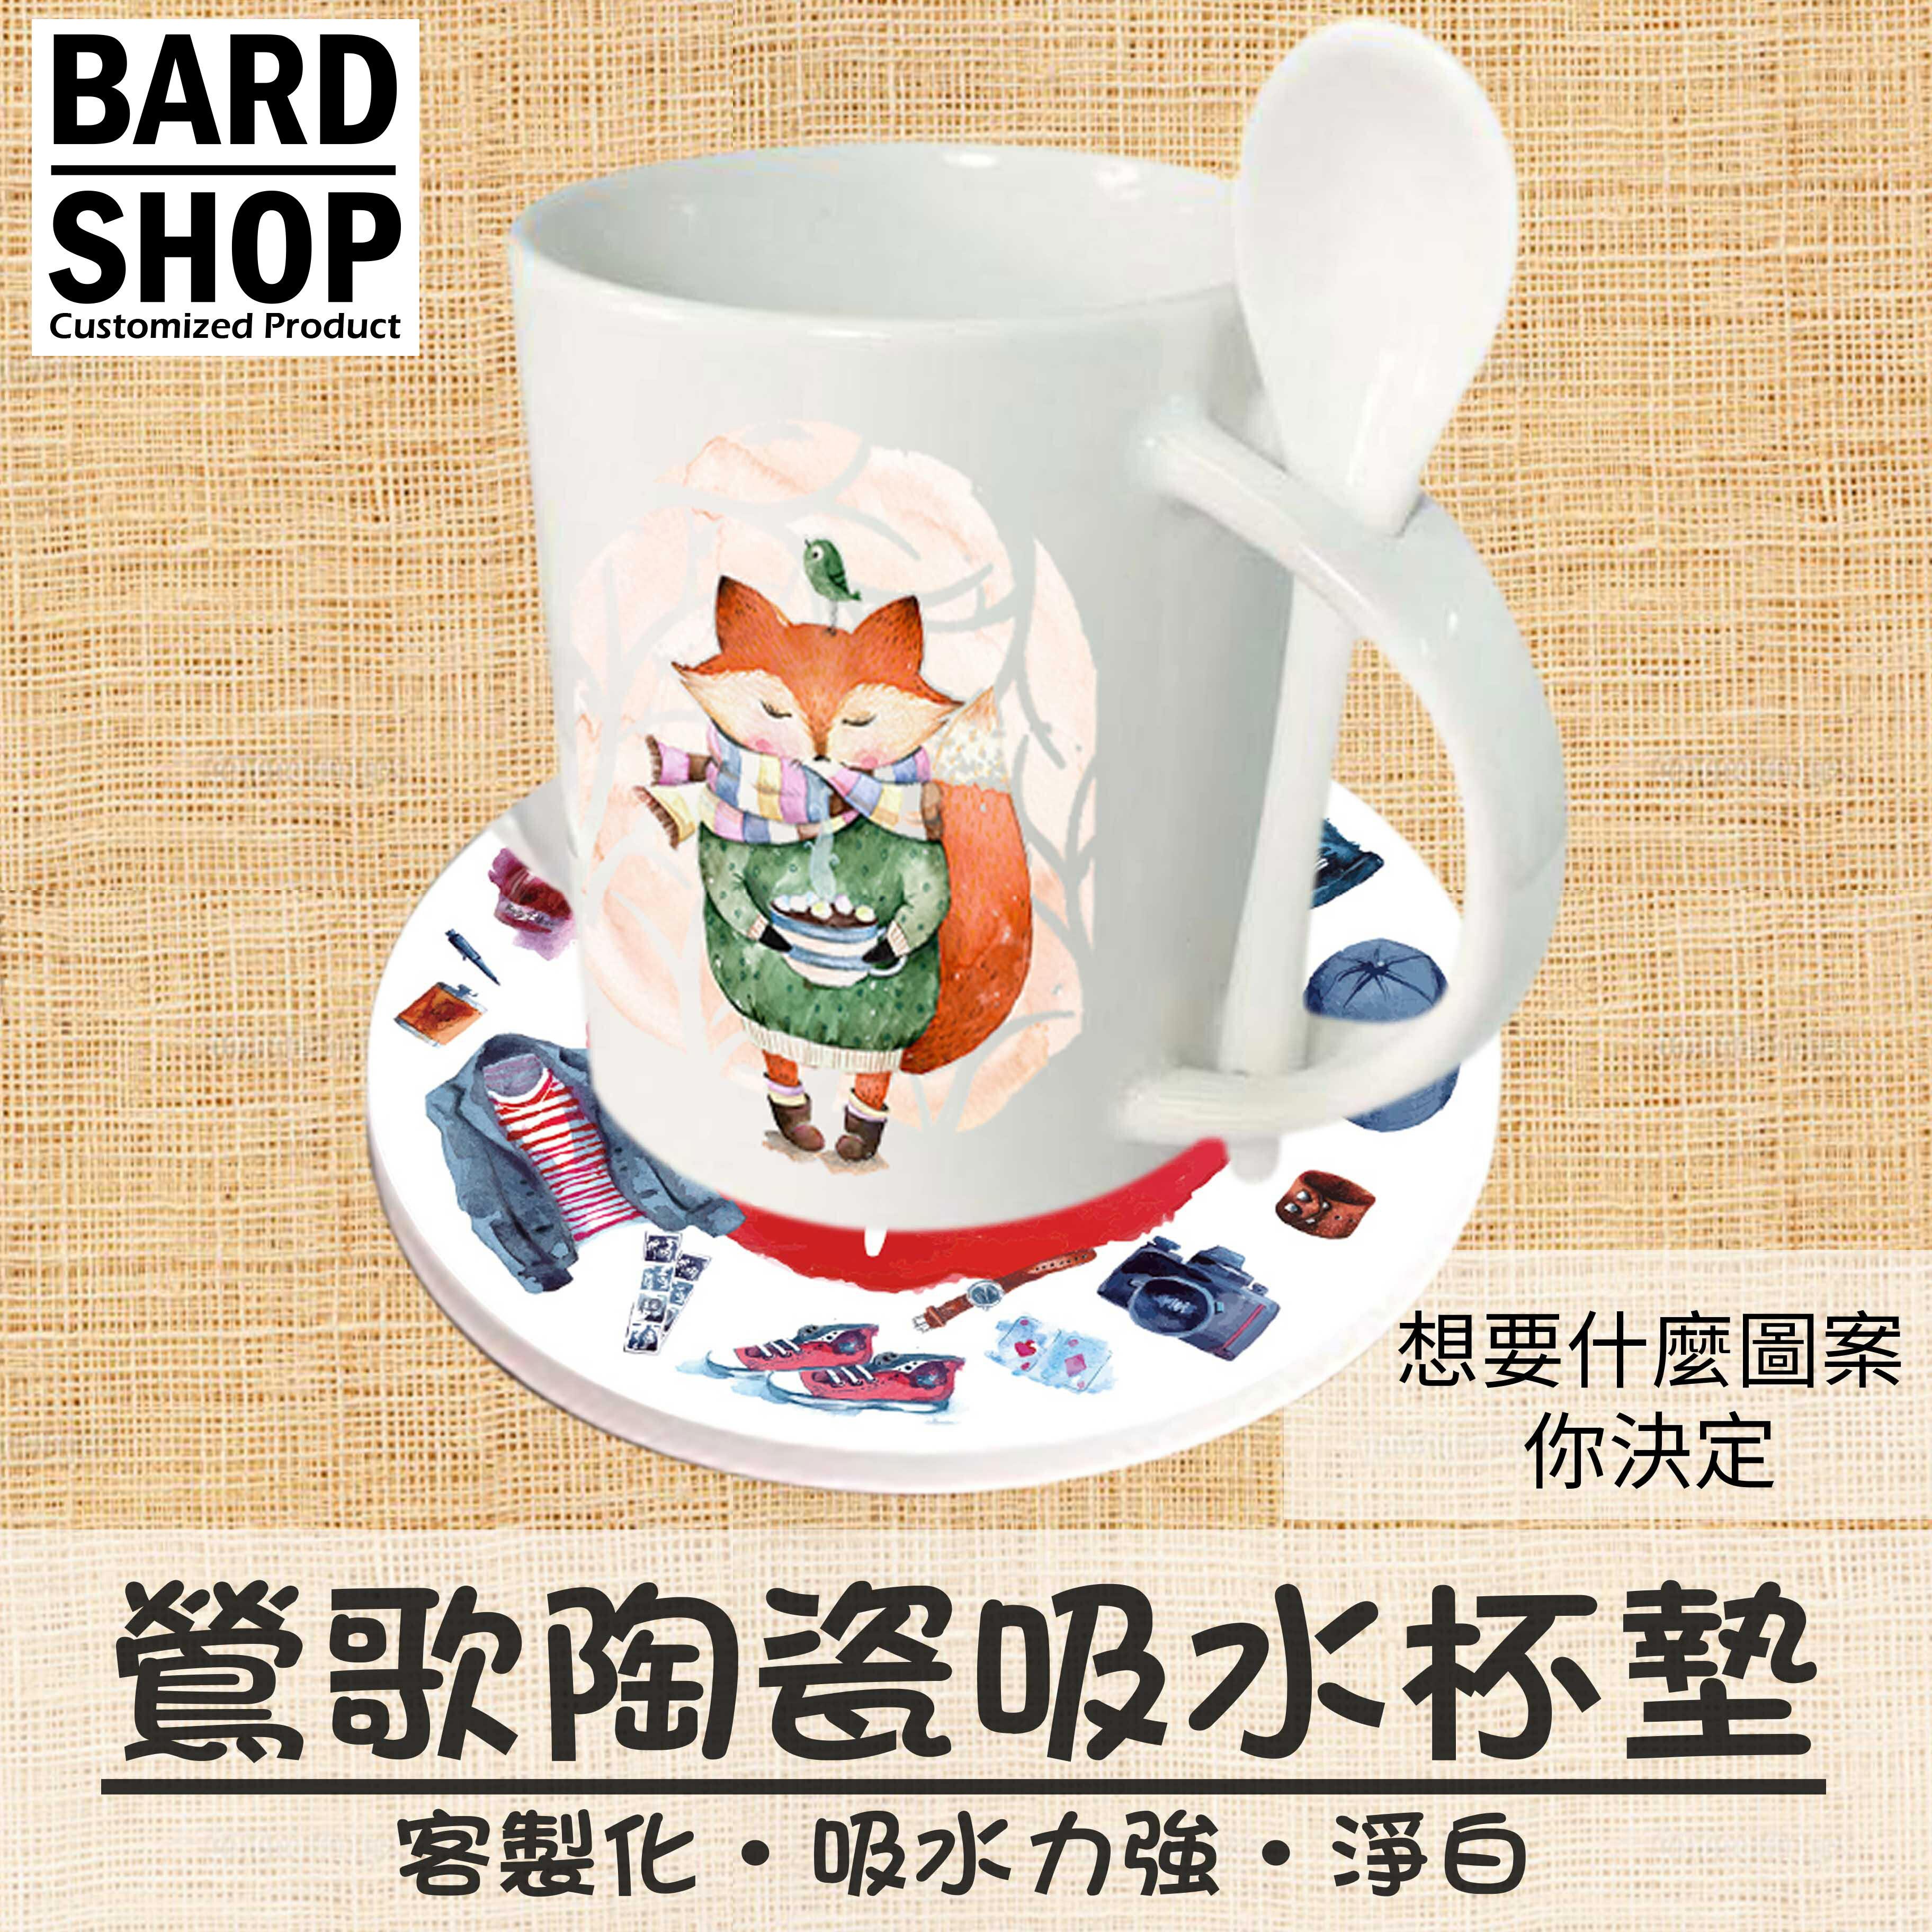 【客製圖案】鶯歌淨白胚 陶瓷吸水杯墊 工廠直營/送禮/自用/生日/訂做/客製化 3